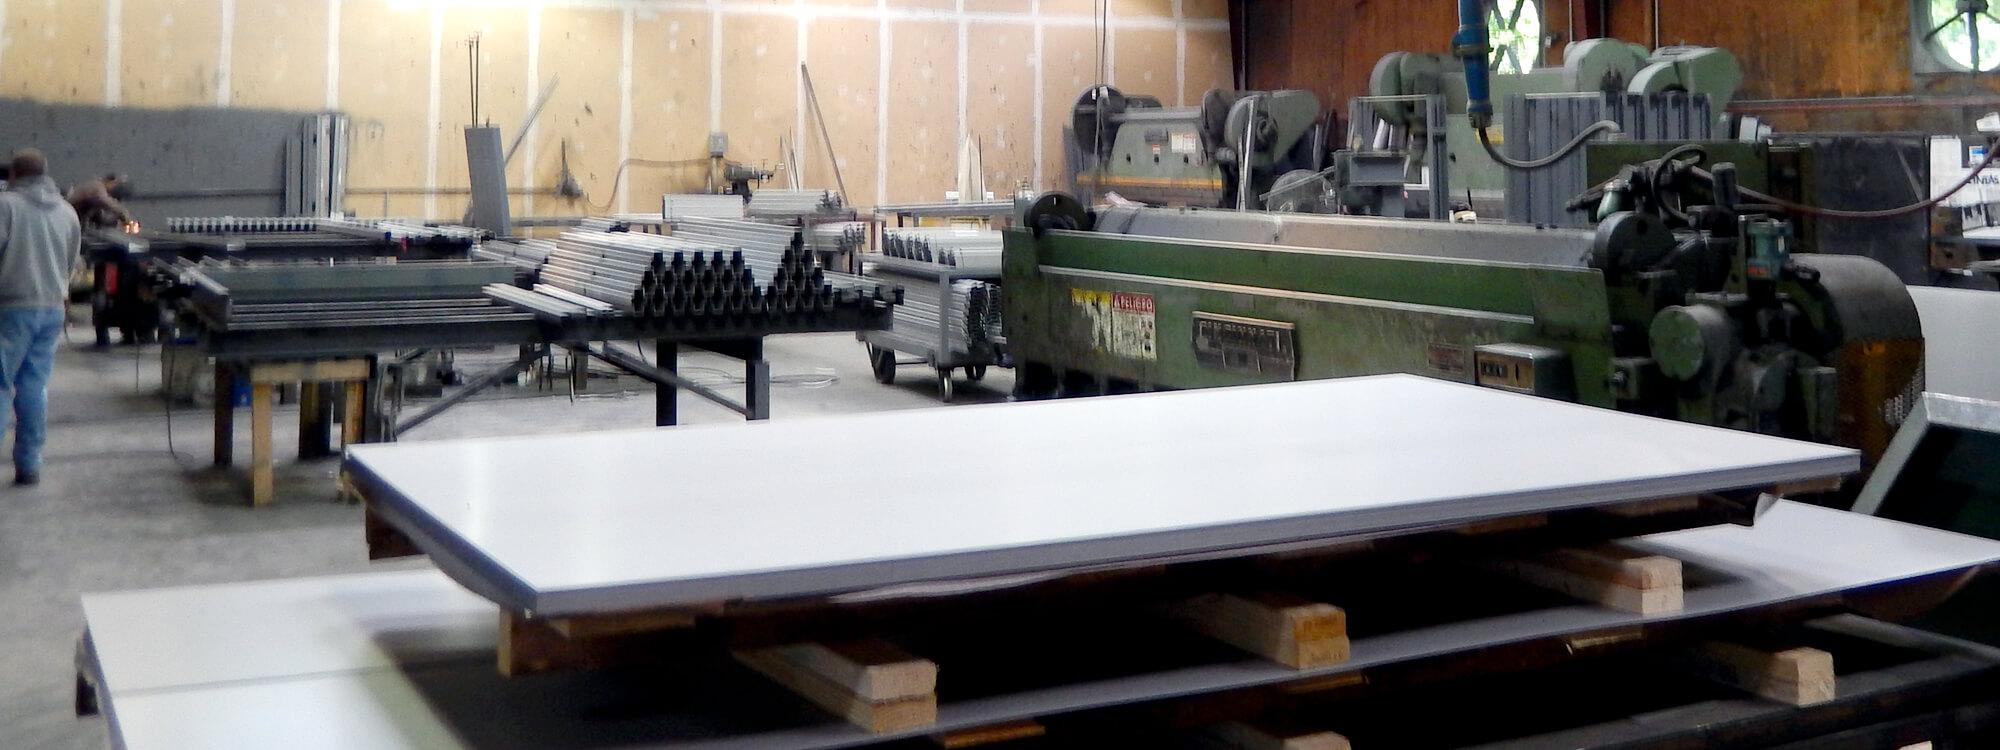 MS Hollow Metal - manufacturer & wholesale distributor of steel doors